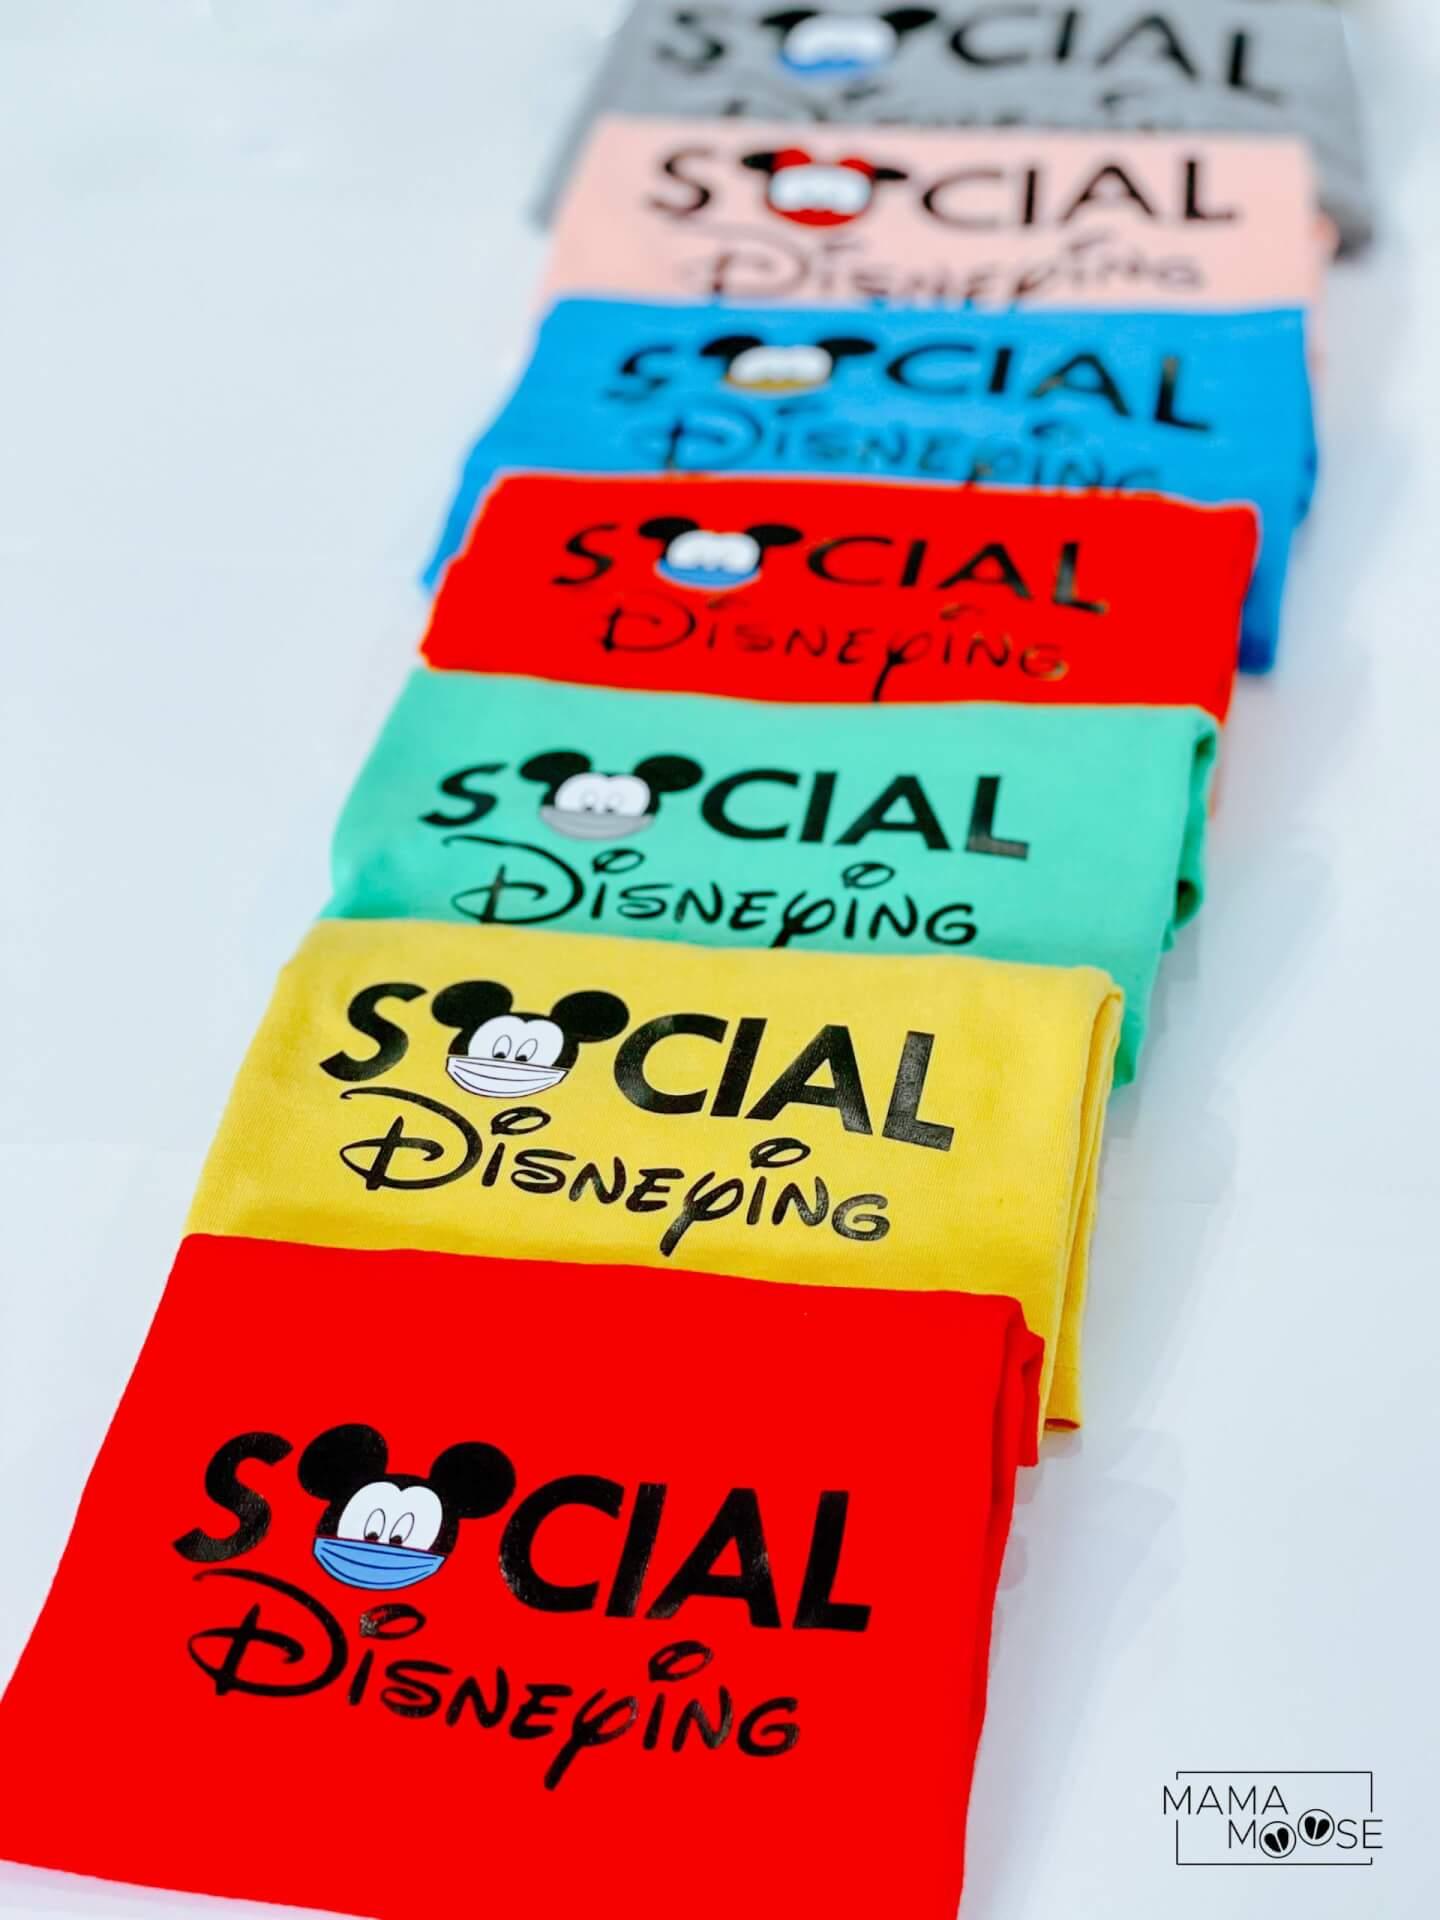 Social Disneying